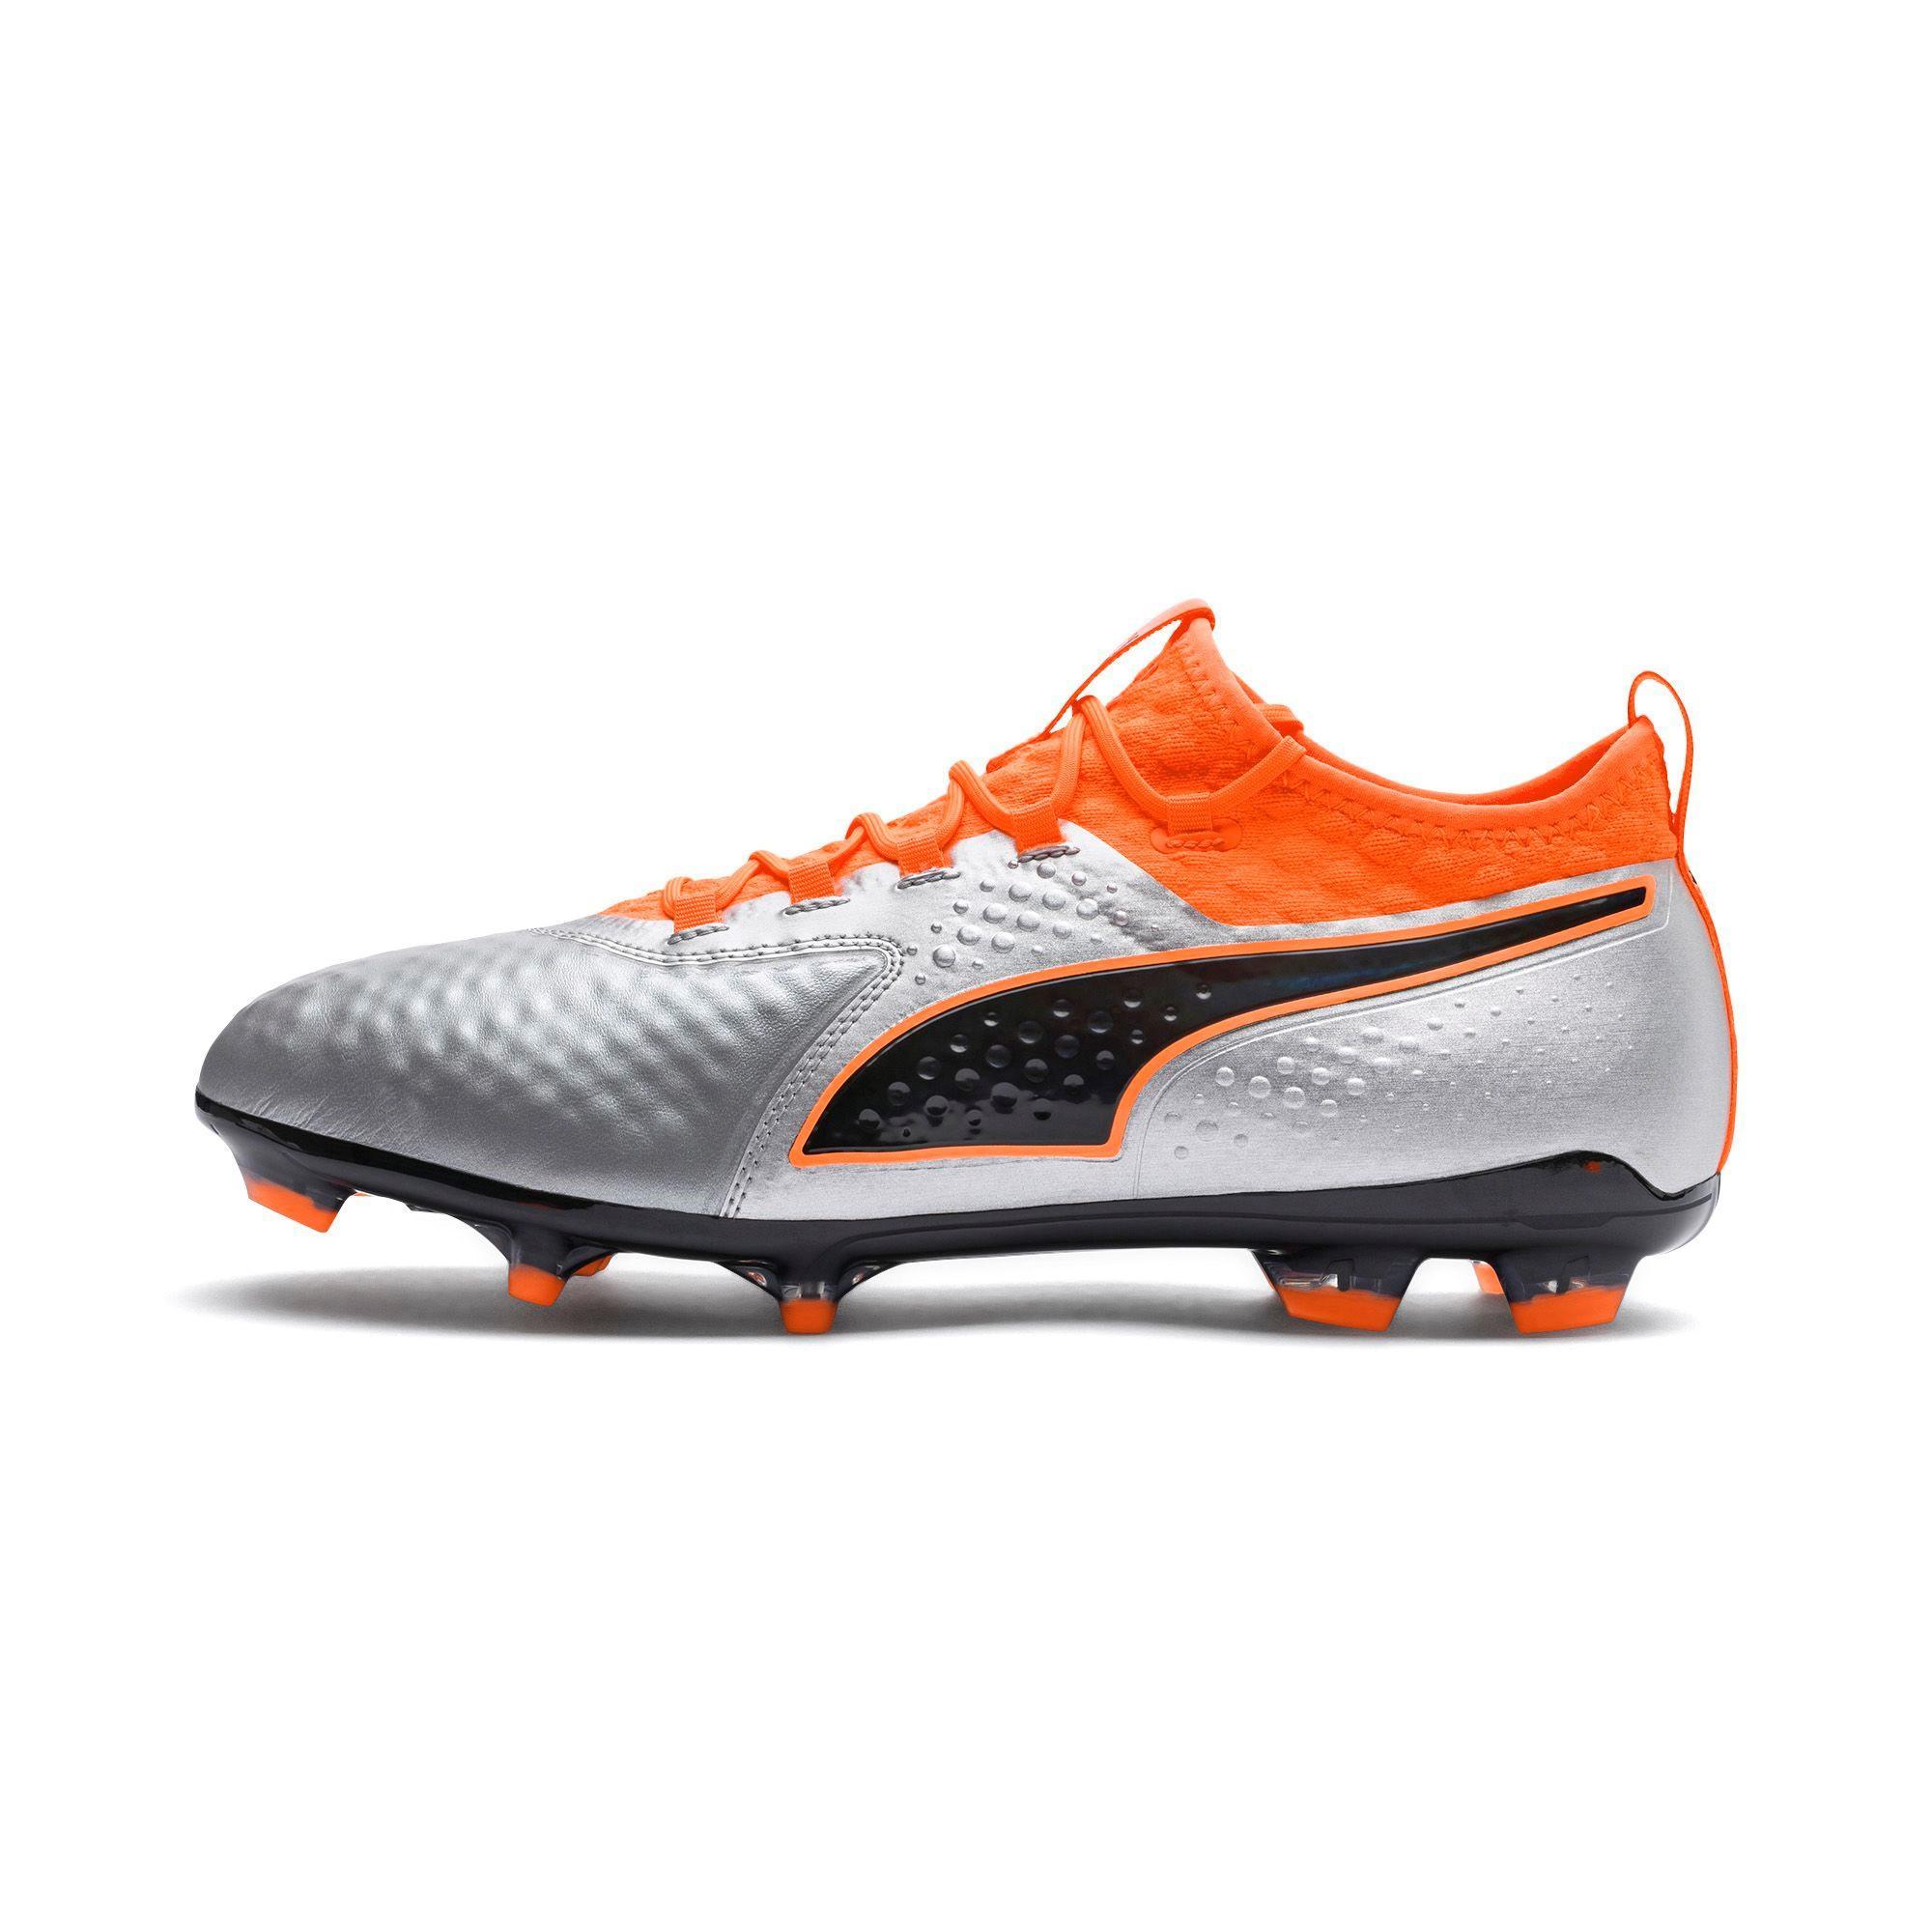 Puma Scarpe Calcio One 2 Lth Fg